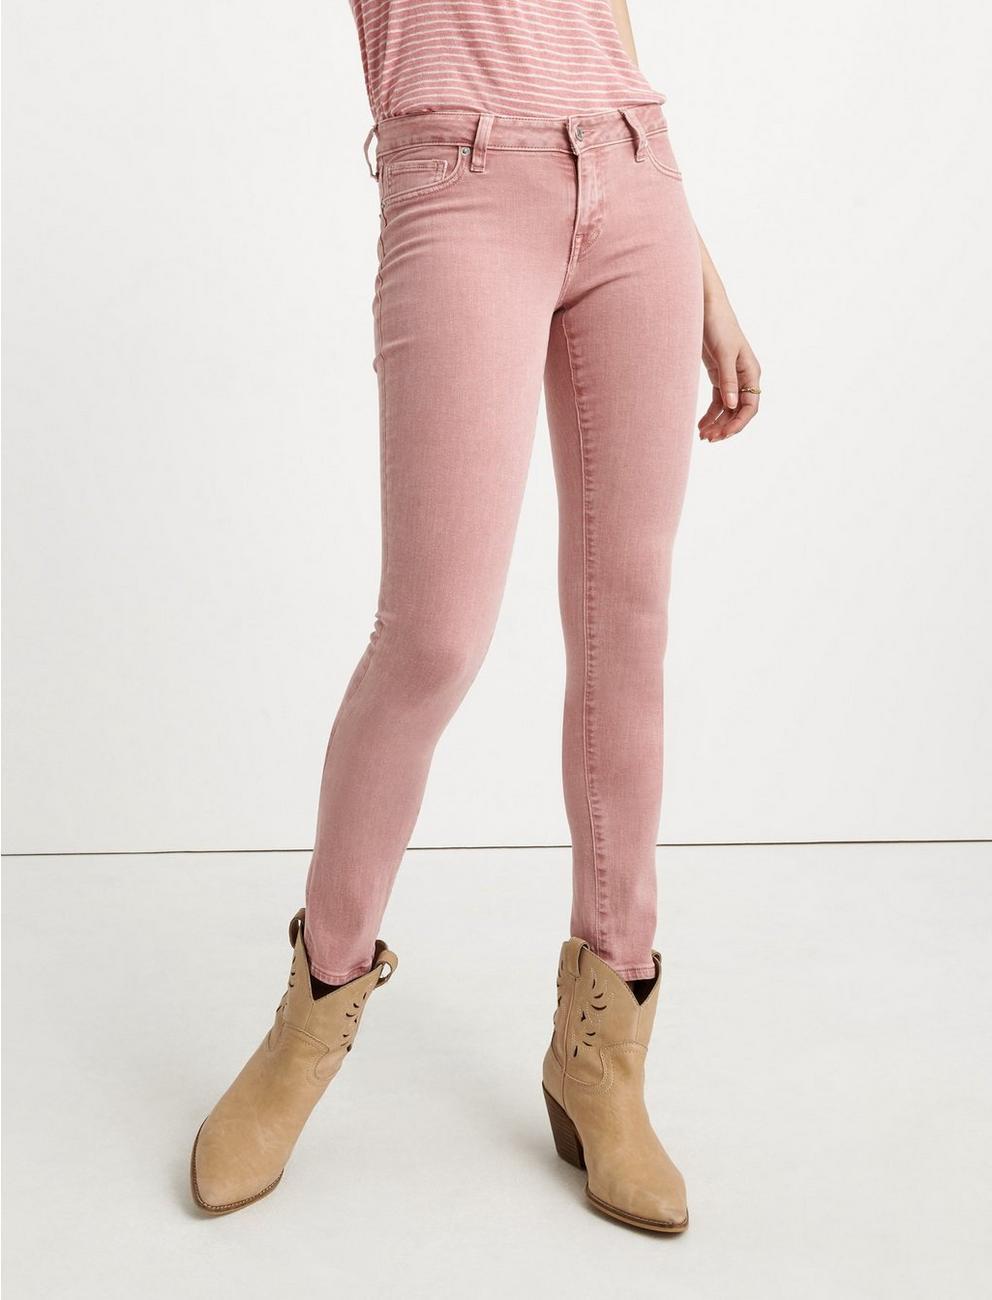 Lucky Brand: Men's Workwear Shirt Jacket $10.80, Women's Lolita Crop Jeans